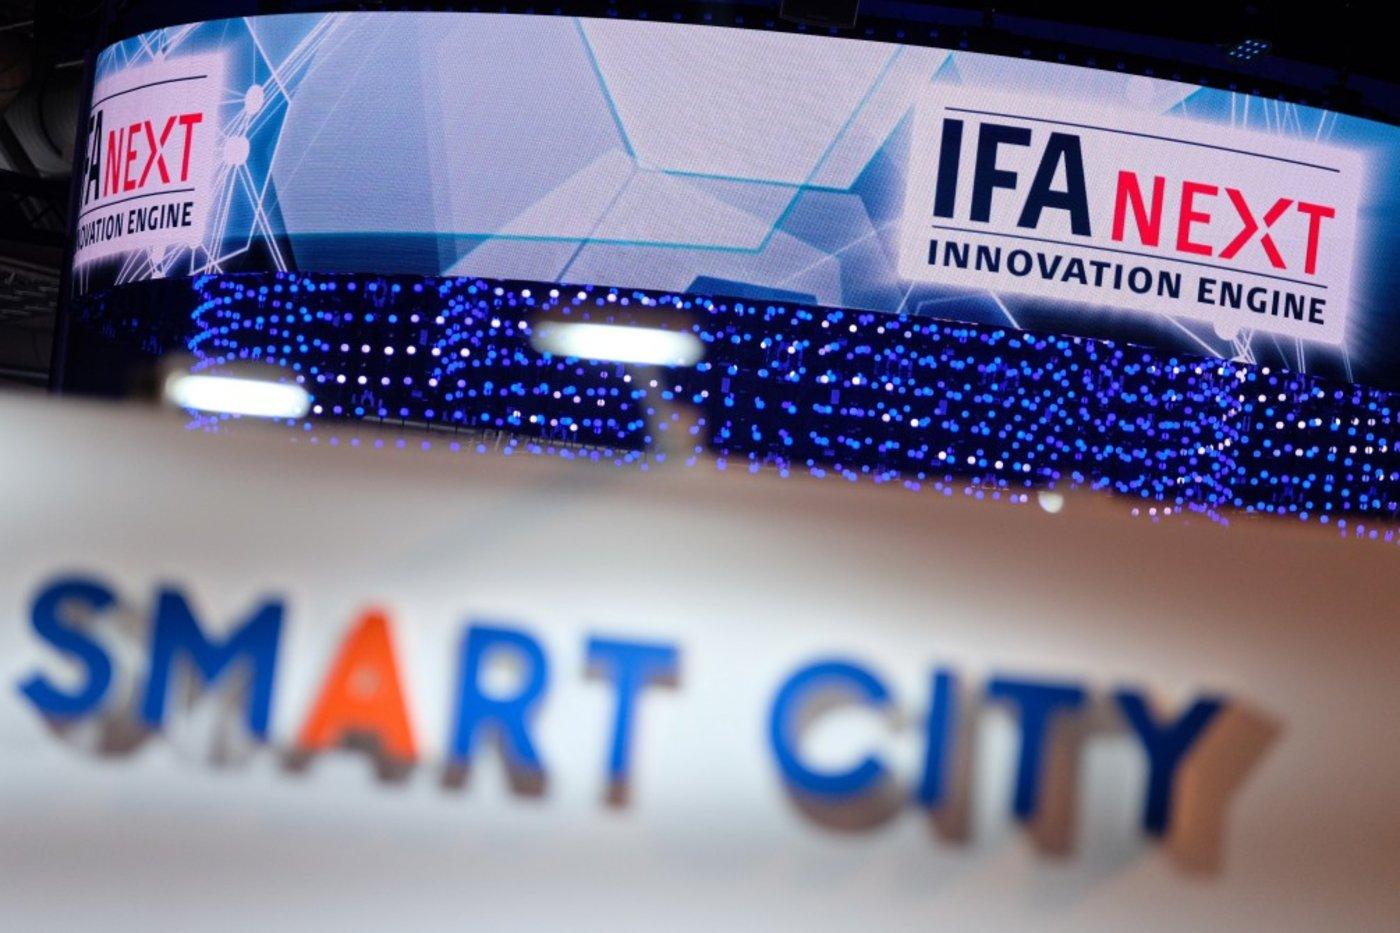 IFA NEXT 2019 (Credit: IFA)